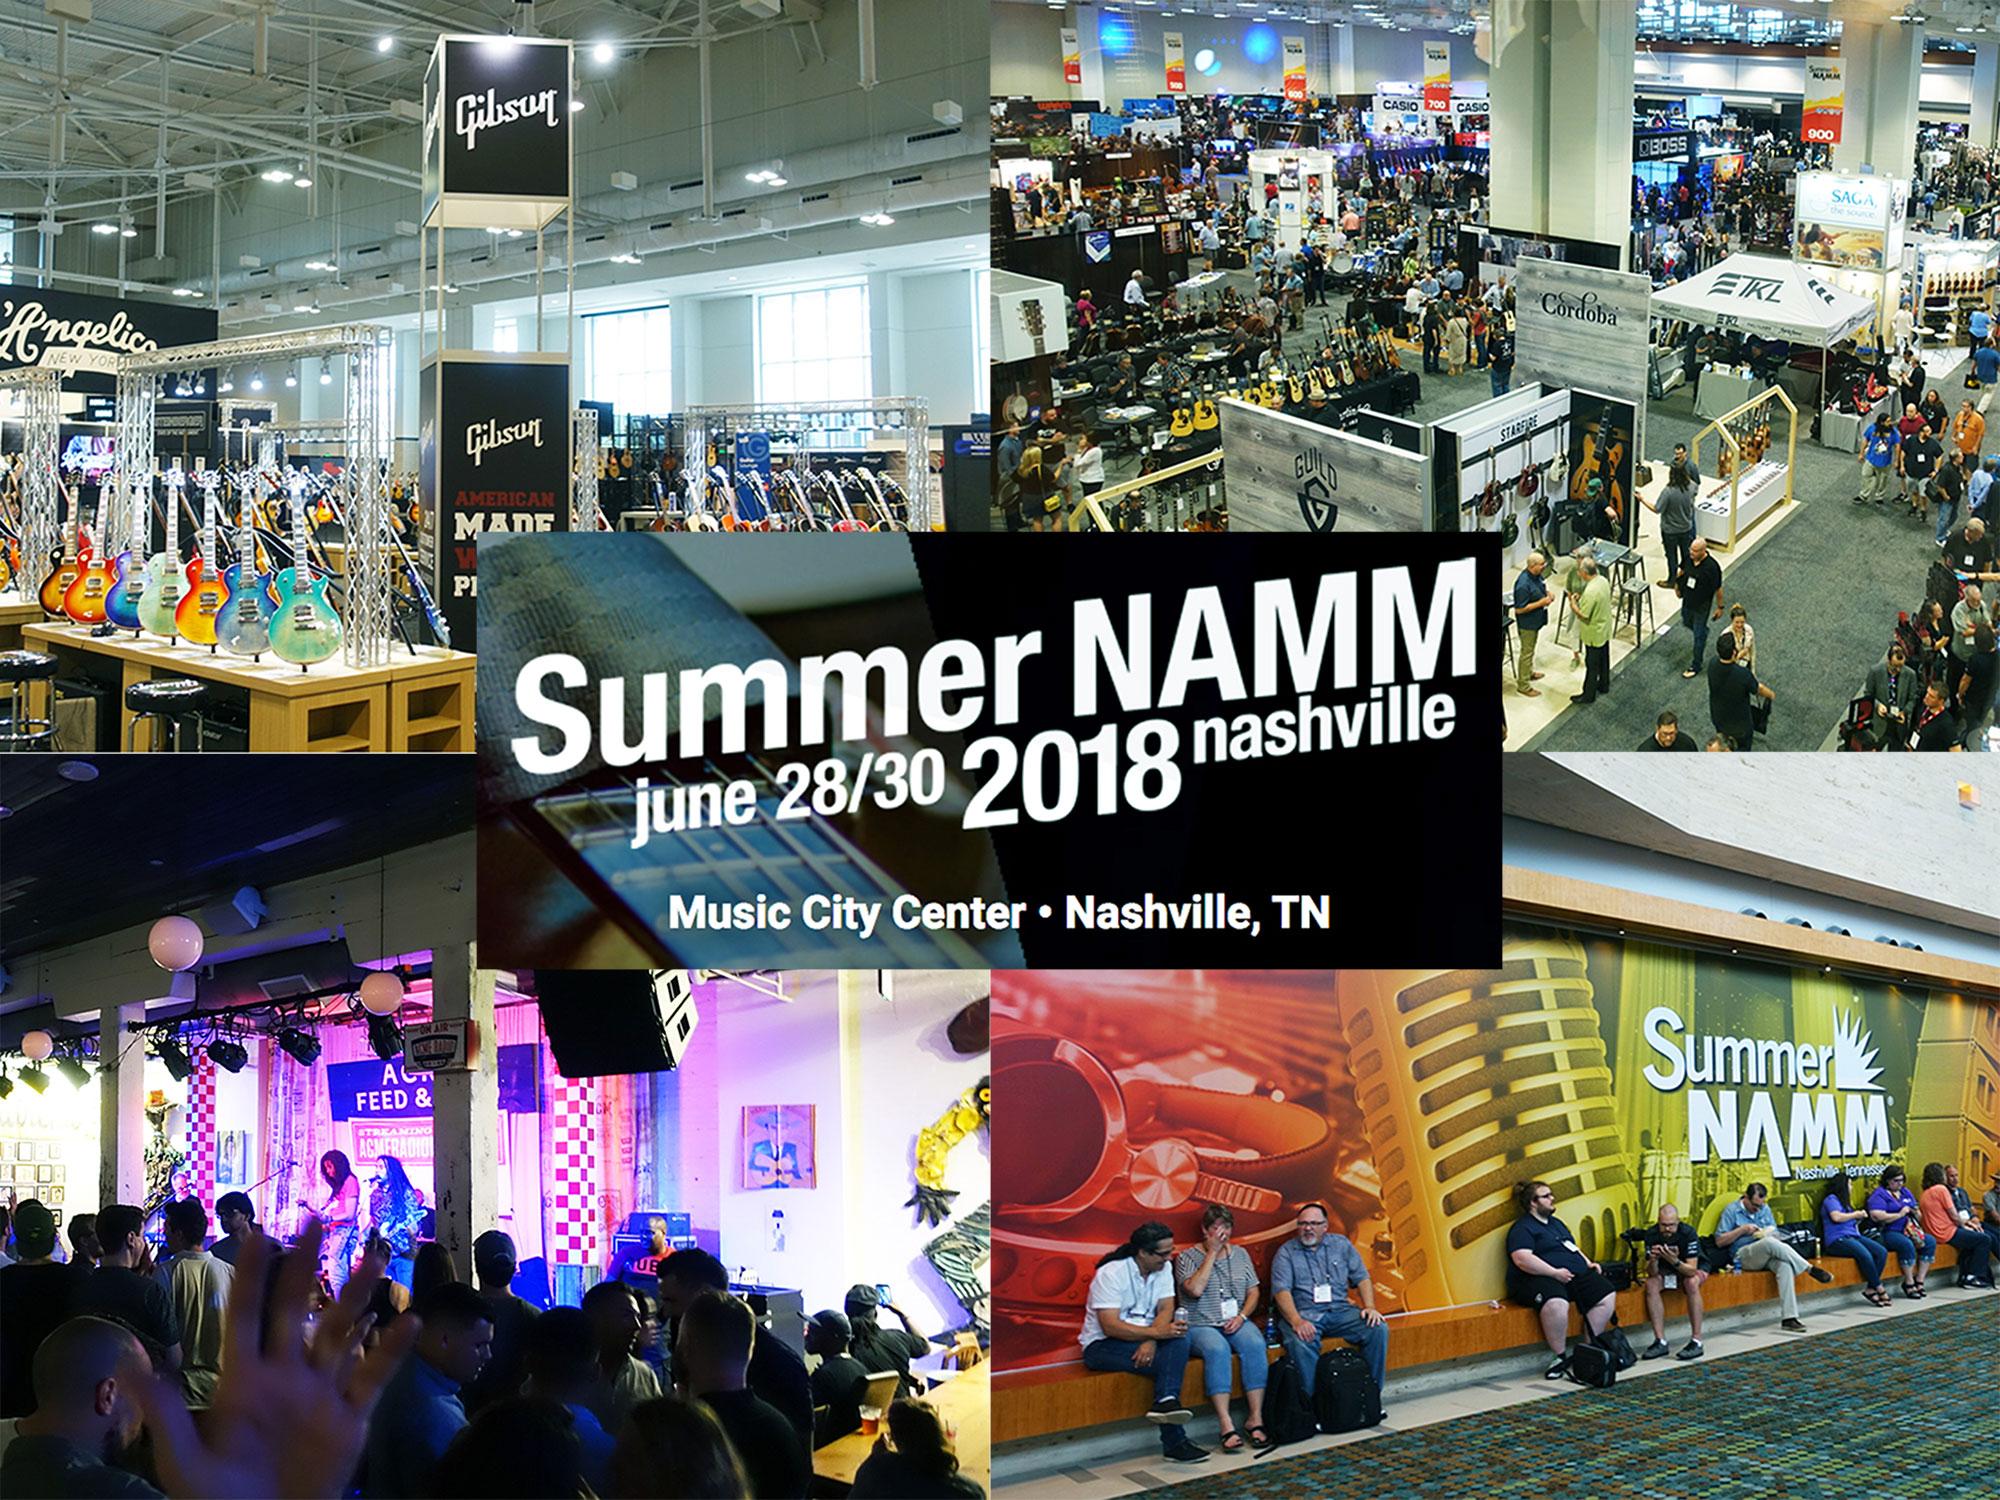 【世界の楽器見本市】Summer NAMM 2018に行ってきました。ナムショーレポート